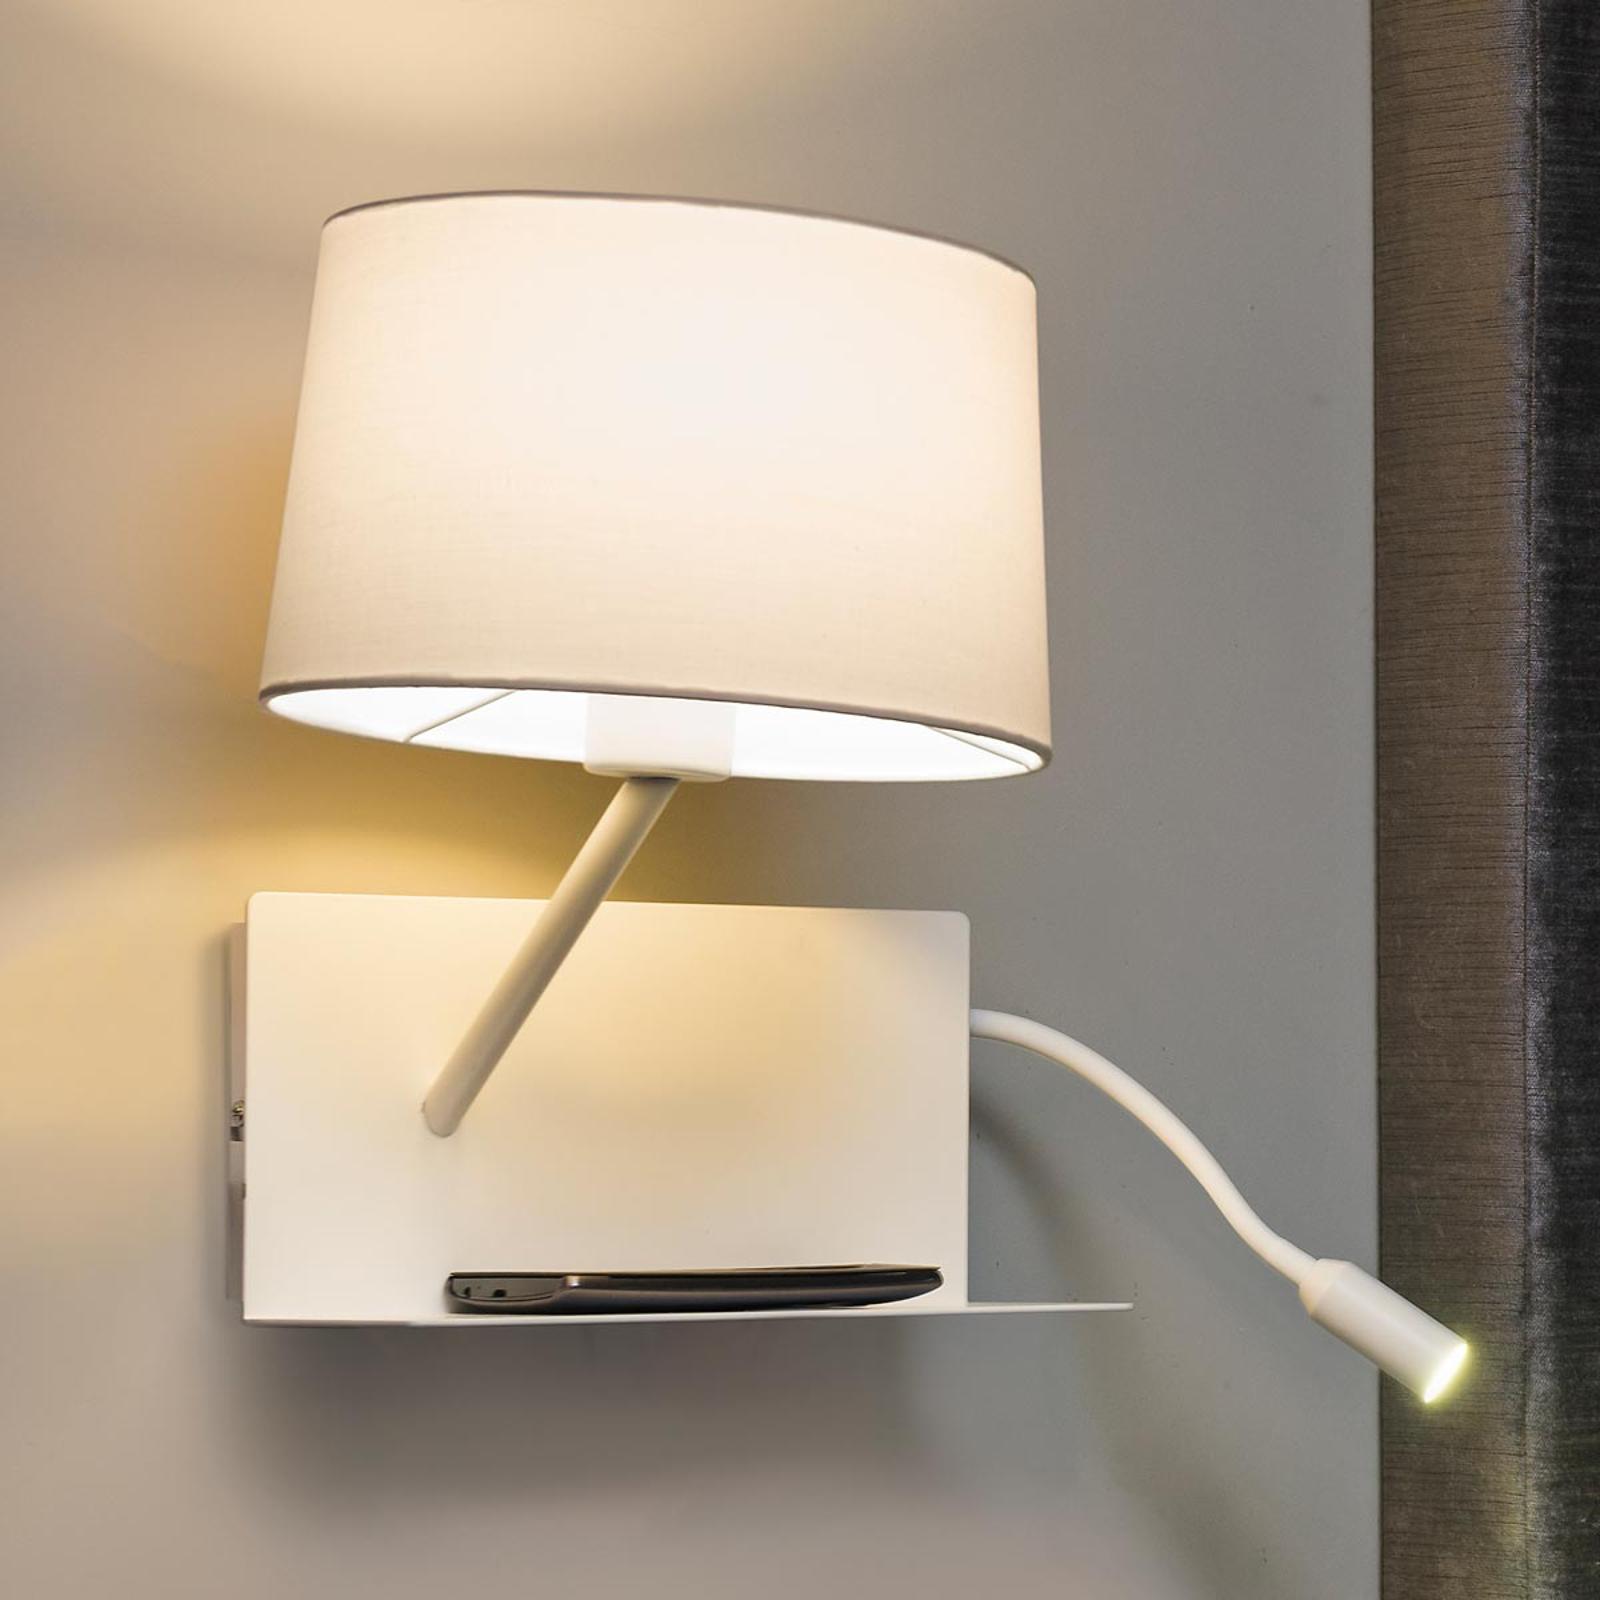 Met LED leesarm - functionele wandlamp Handy